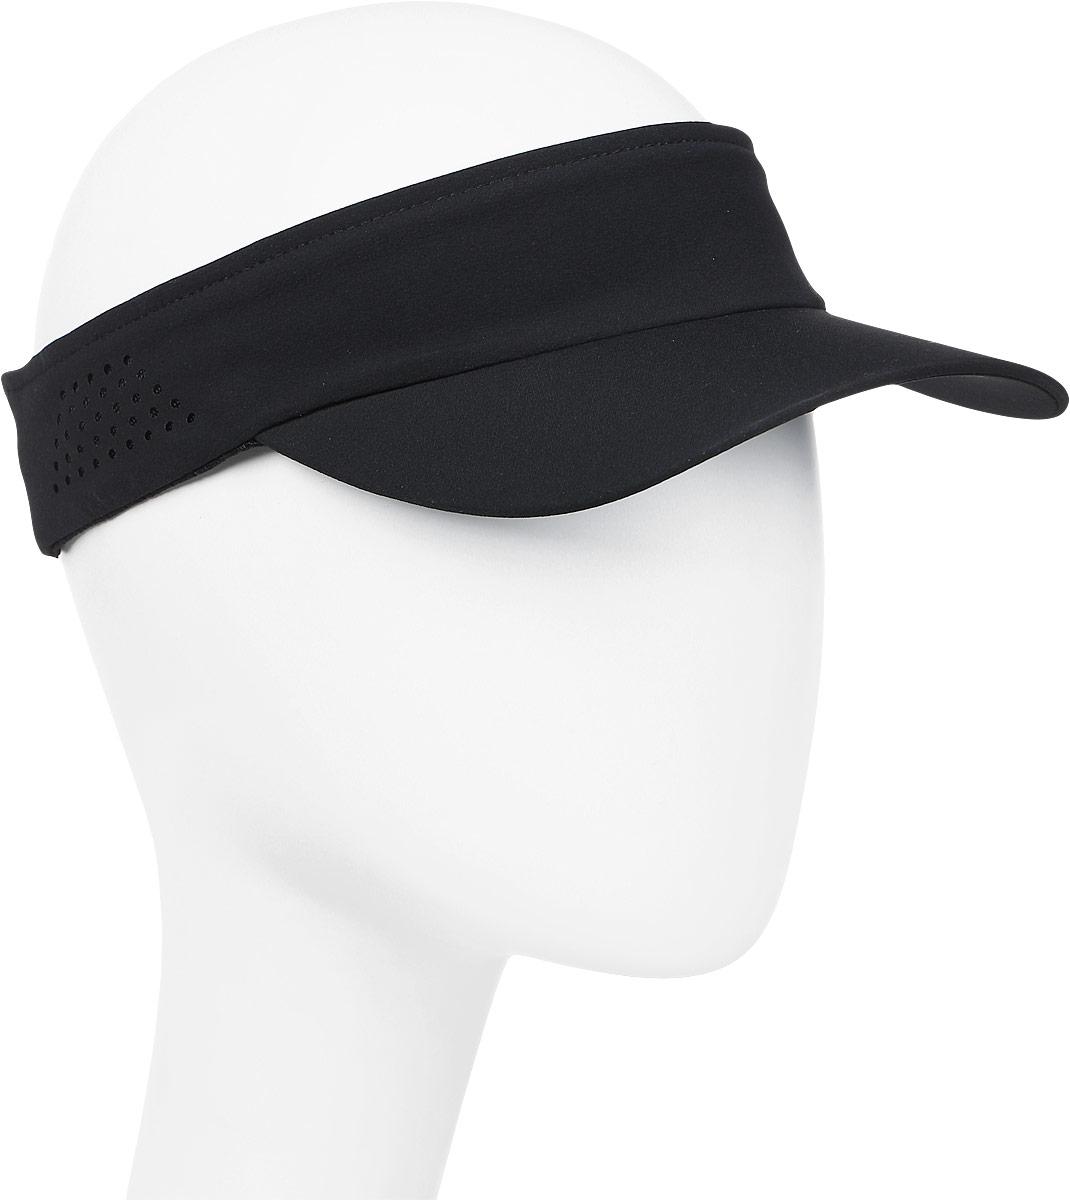 Козырек мужской Asics Visor Performance, цвет: черный. 155012-0904. Размер универсальный155012-0904